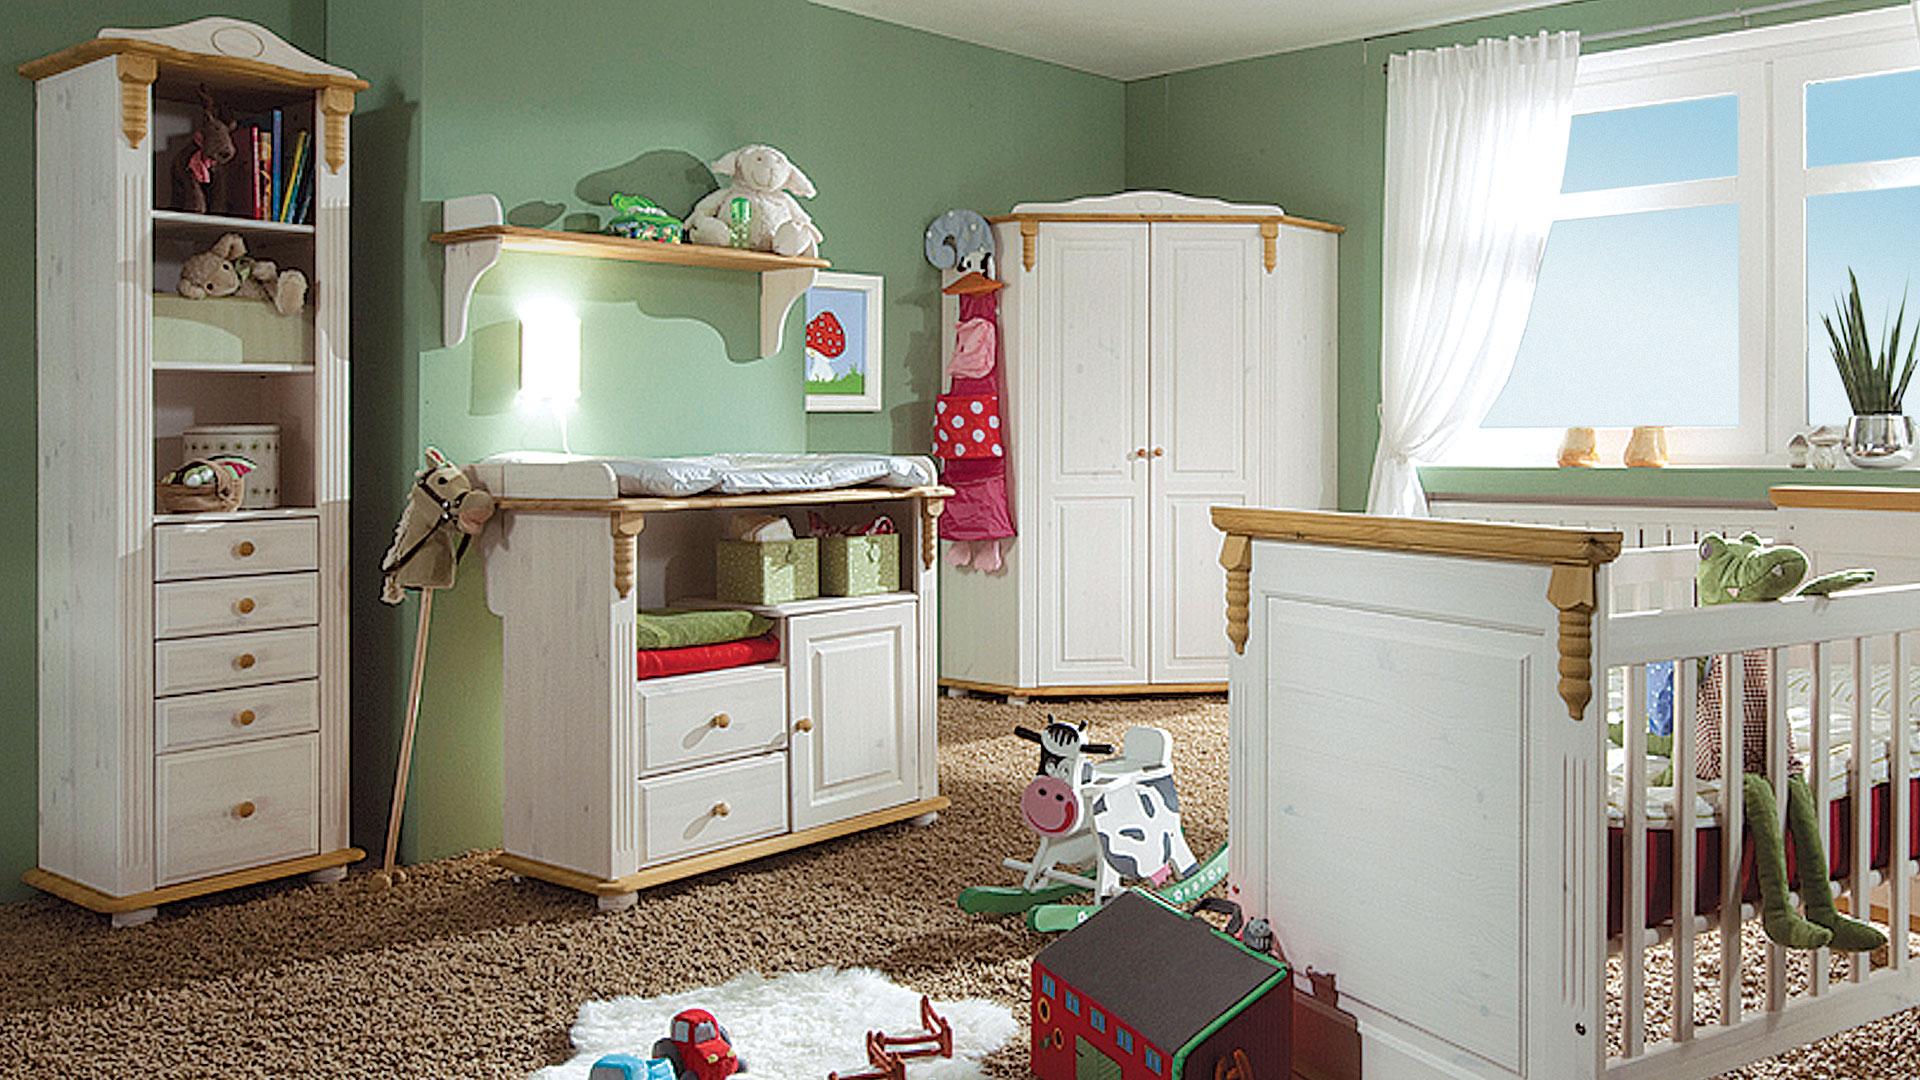 Full Size of Kinderzimmer Eckschrank Eck Kleiderschrank Riccio Gerumig Regal Küche Schlafzimmer Regale Sofa Bad Weiß Wohnzimmer Kinderzimmer Eckschrank